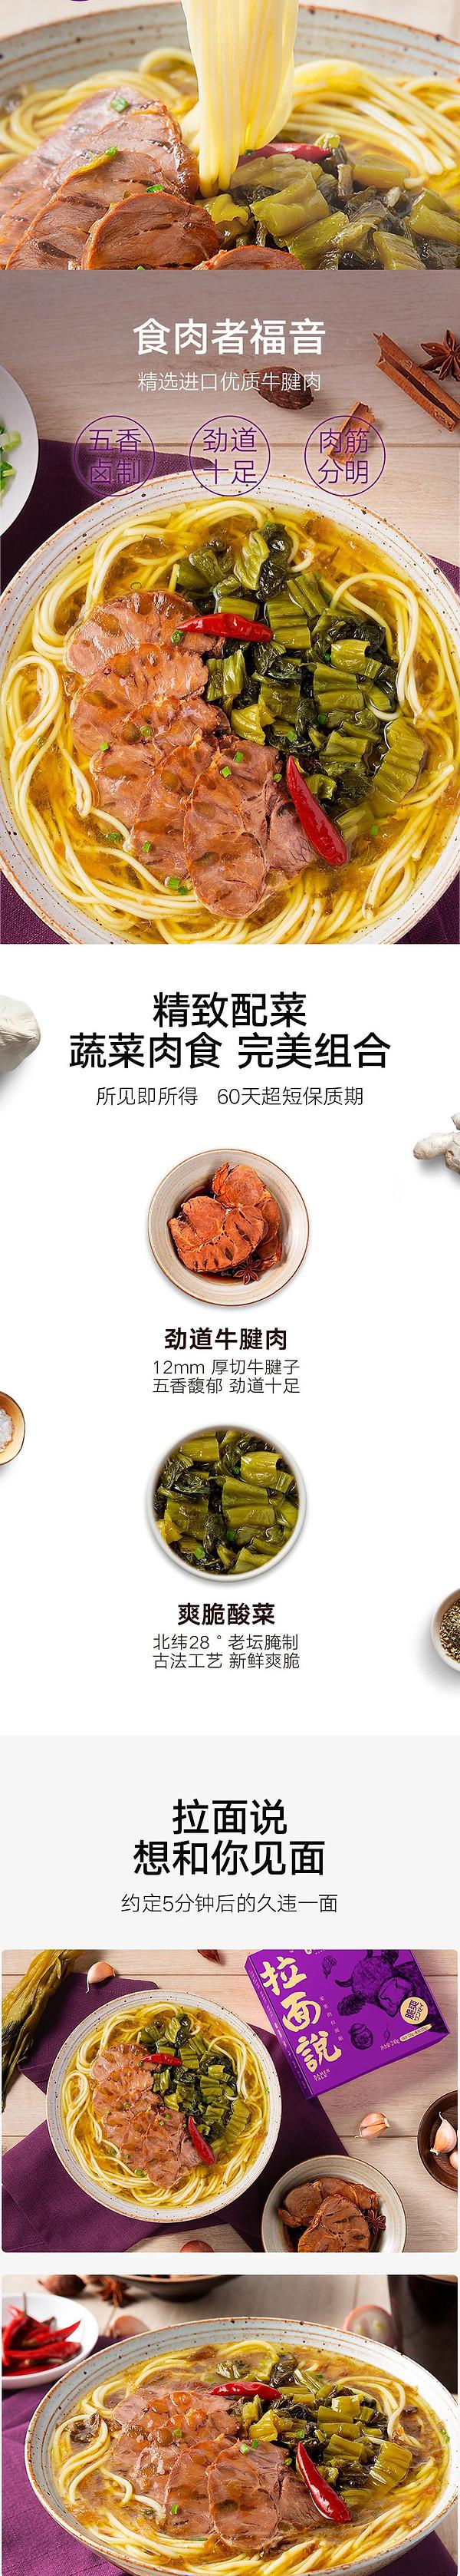 酸菜牛肉-长图_02.jpg